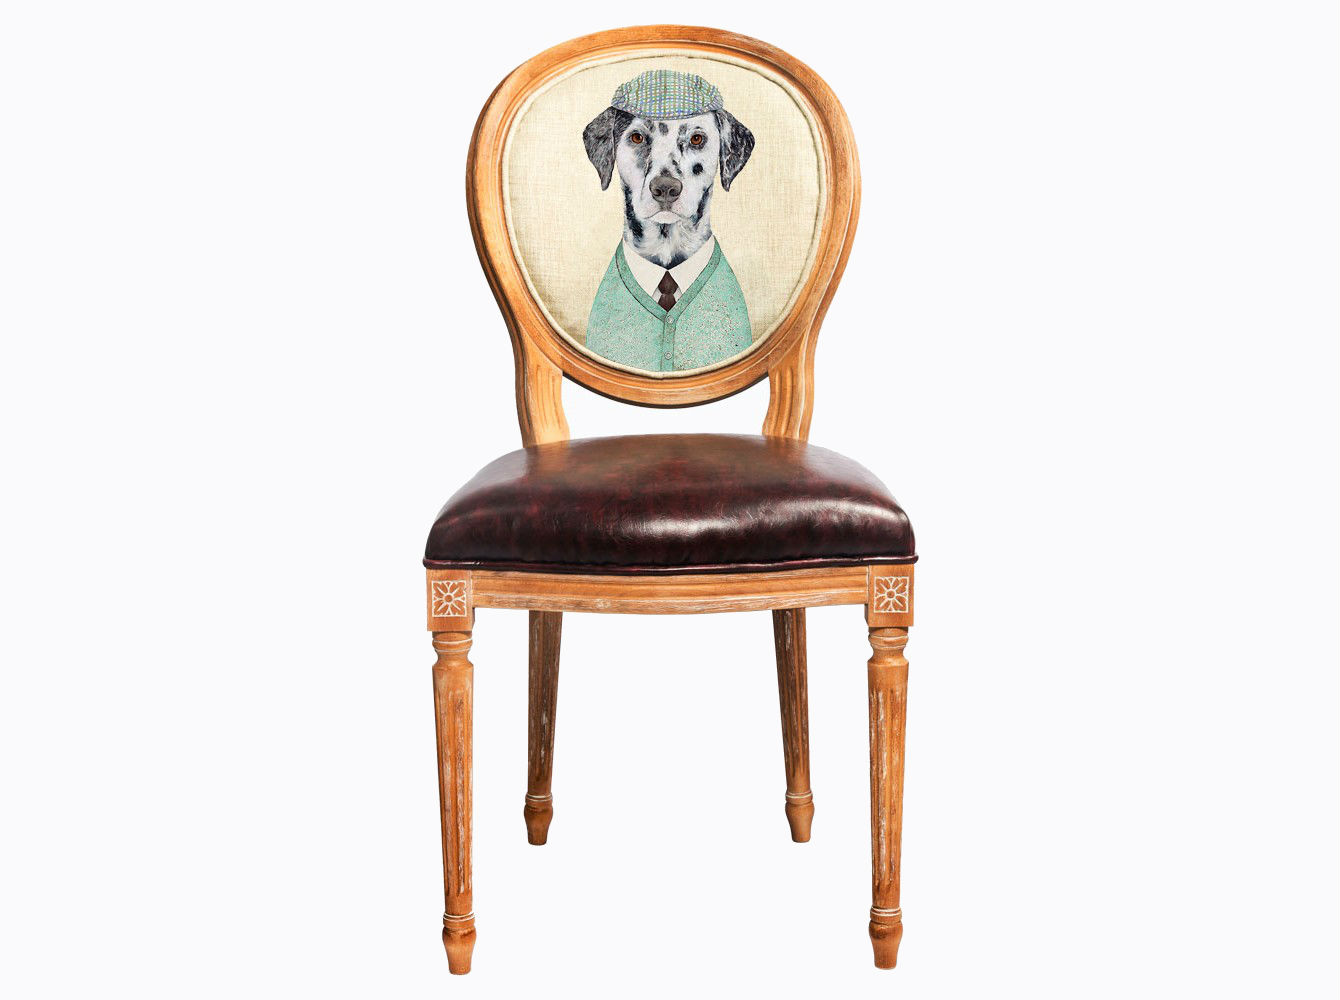 Стул «Мистер Твистер»Обеденные стулья<br>Погружаясь в увлекательный сценарий интерьерного театра, не забывайте о практичности и долговечности Вашей мебели.&amp;lt;div&amp;gt;Стул &amp;quot;Мистер Твистер&amp;quot; - универсальное, но отборное решение гостиной, столовой, спальни, кабинета, холла и детской комнаты.&amp;lt;br&amp;gt;&amp;lt;div&amp;gt;&amp;lt;br&amp;gt;&amp;lt;/div&amp;gt;&amp;lt;div&amp;gt;Корпус стула &amp;quot;Мистер Твистер&amp;quot; изготовлен из натурального бука, древесина которого отличается крепостью и твёрдостью.&amp;amp;nbsp;&amp;lt;/div&amp;gt;&amp;lt;div&amp;gt;Обивка спинки оснащена тефлоновым покрытием против пятен.&amp;amp;nbsp;&amp;lt;/div&amp;gt;&amp;lt;div&amp;gt;Сиденье, укрепленное подвеской из эластичных ремней, обладает прочностью и истинным комфортом.&amp;amp;nbsp;&amp;lt;/div&amp;gt;&amp;lt;div&amp;gt;Материал: бук, экокожа, лен, хлопок&amp;lt;br&amp;gt;&amp;lt;/div&amp;gt;&amp;lt;div&amp;gt;&amp;lt;div&amp;gt;&amp;lt;br&amp;gt;&amp;lt;/div&amp;gt;<br><br>&amp;lt;iframe width=&amp;quot;530&amp;quot; height=&amp;quot;315&amp;quot; src=&amp;quot;https://www.youtube.com/embed/3vitXSFtUrE&amp;quot; frameborder=&amp;quot;0&amp;quot; allowfullscreen=&amp;quot;&amp;quot;&amp;gt;&amp;lt;/iframe&amp;gt;&amp;lt;/div&amp;gt;&amp;lt;/div&amp;gt;<br><br>Material: Дерево<br>Ширина см: 47<br>Высота см: 98<br>Глубина см: 50